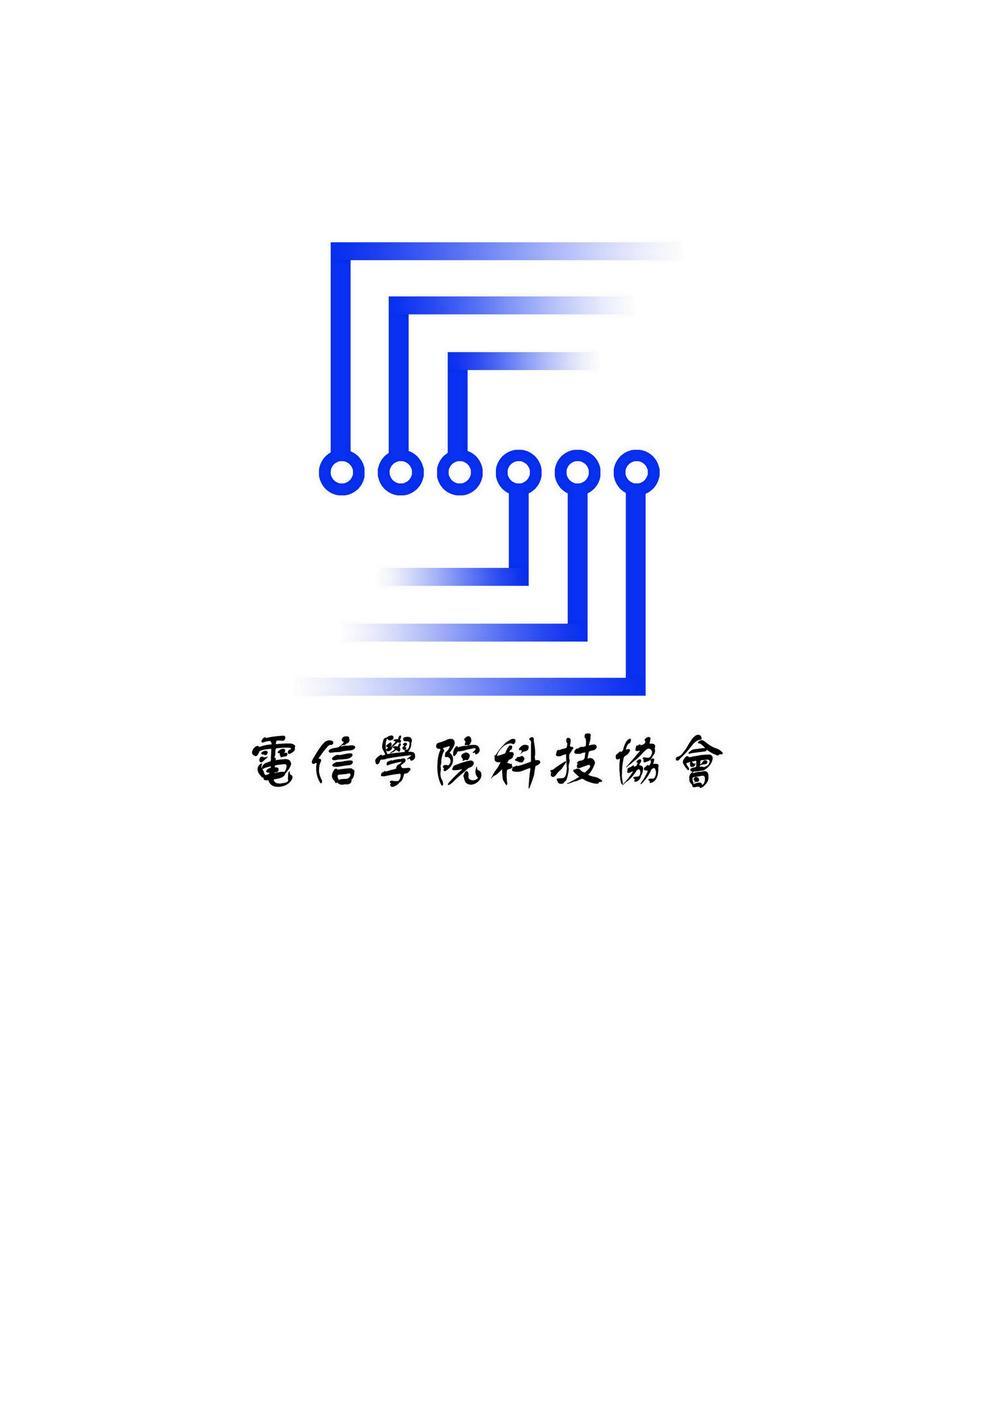 创意:整个图像为电路板上电路的图形,体现了科技协会以电子电工